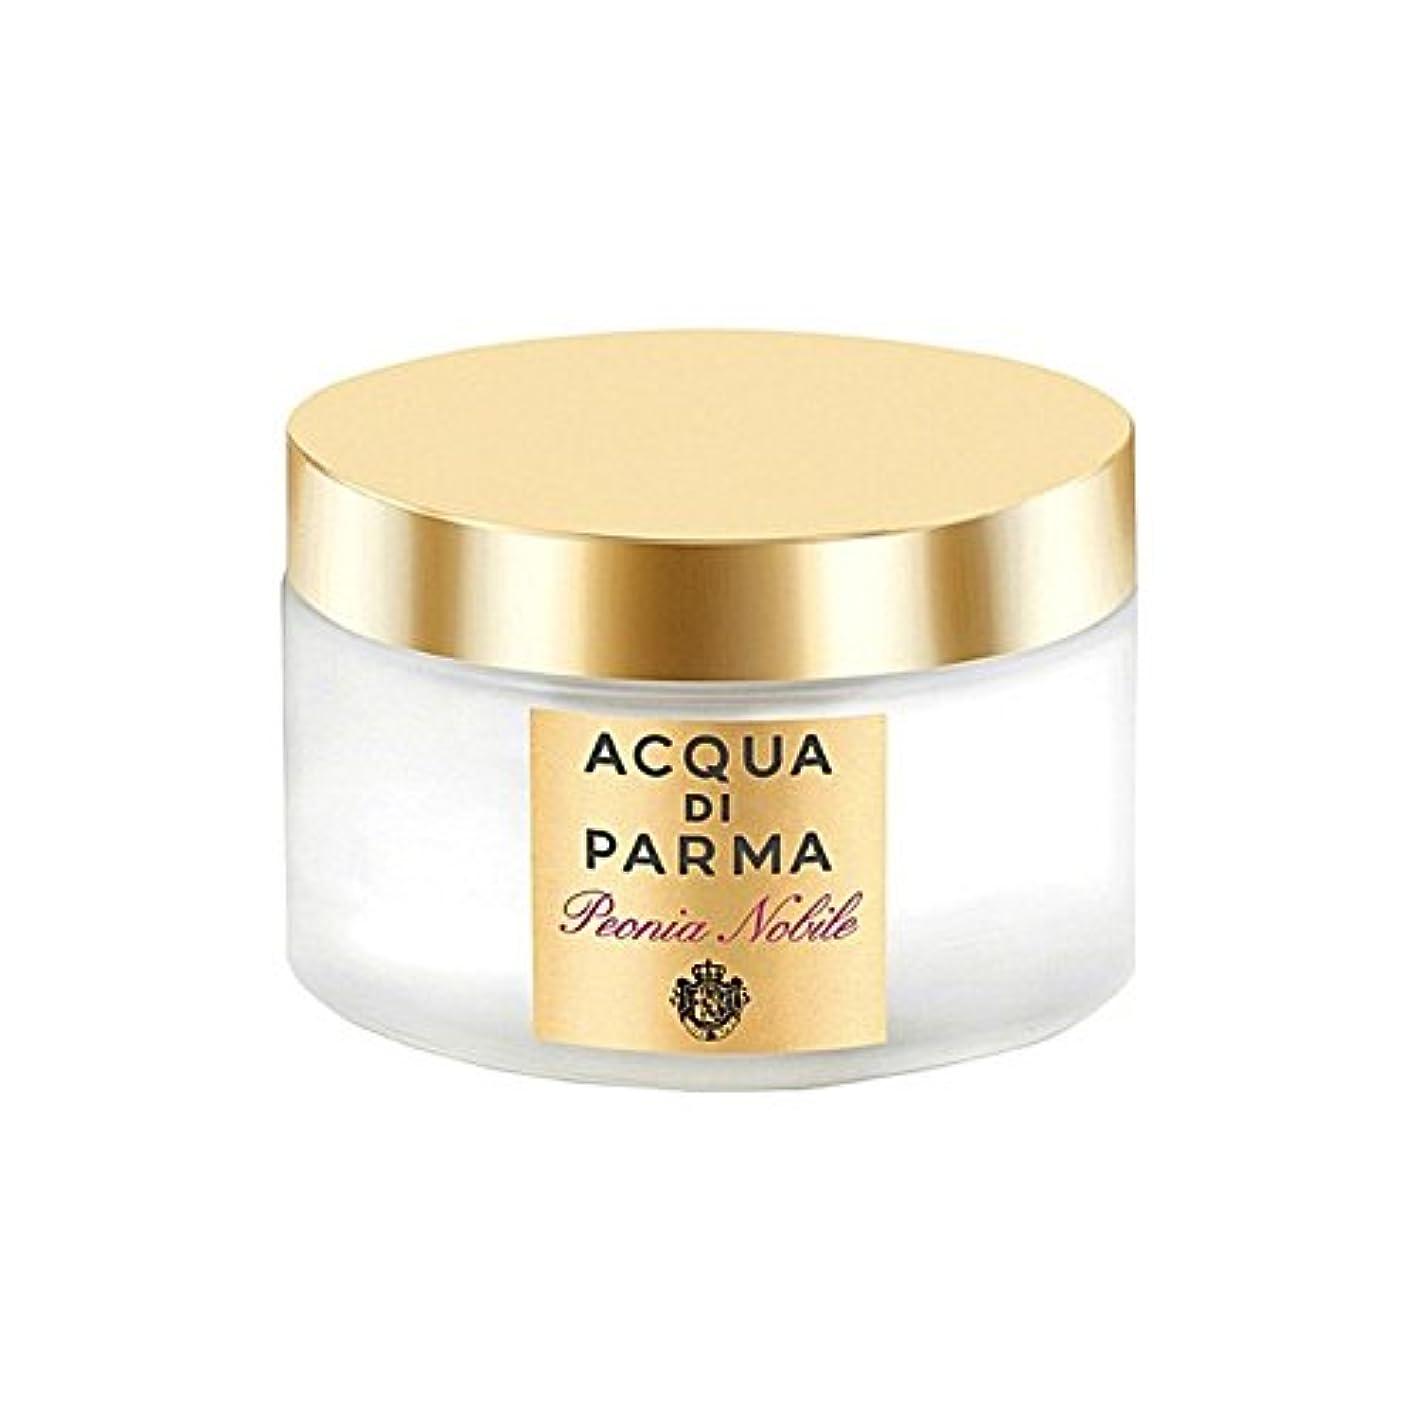 キャンドルそこからブリーフケースAcqua Di Parma Peonia Nobile Body Cream 150ml - アクアディパルマノビレボディクリーム150ミリリットル [並行輸入品]